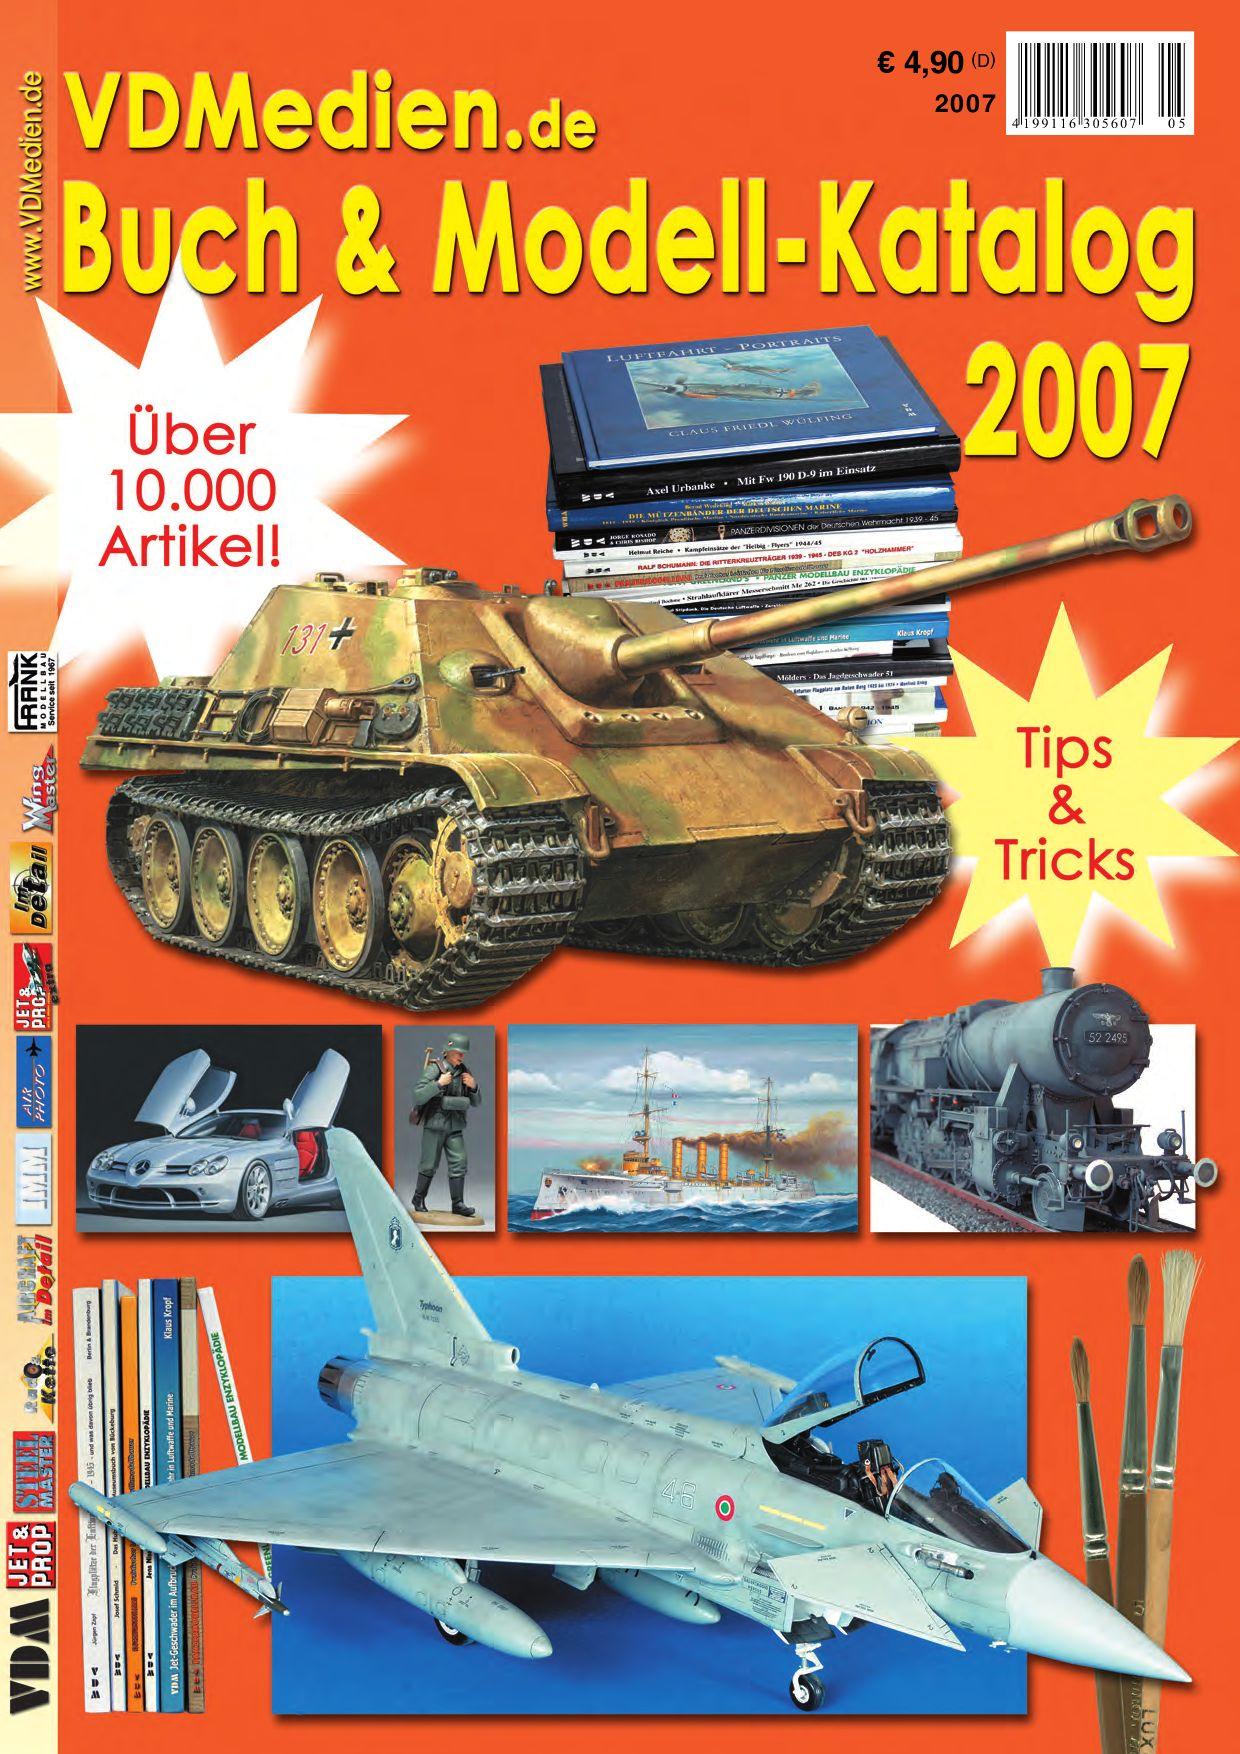 VDMe n Buch und und Modell Katalog by Gert Spiesshofer issuu